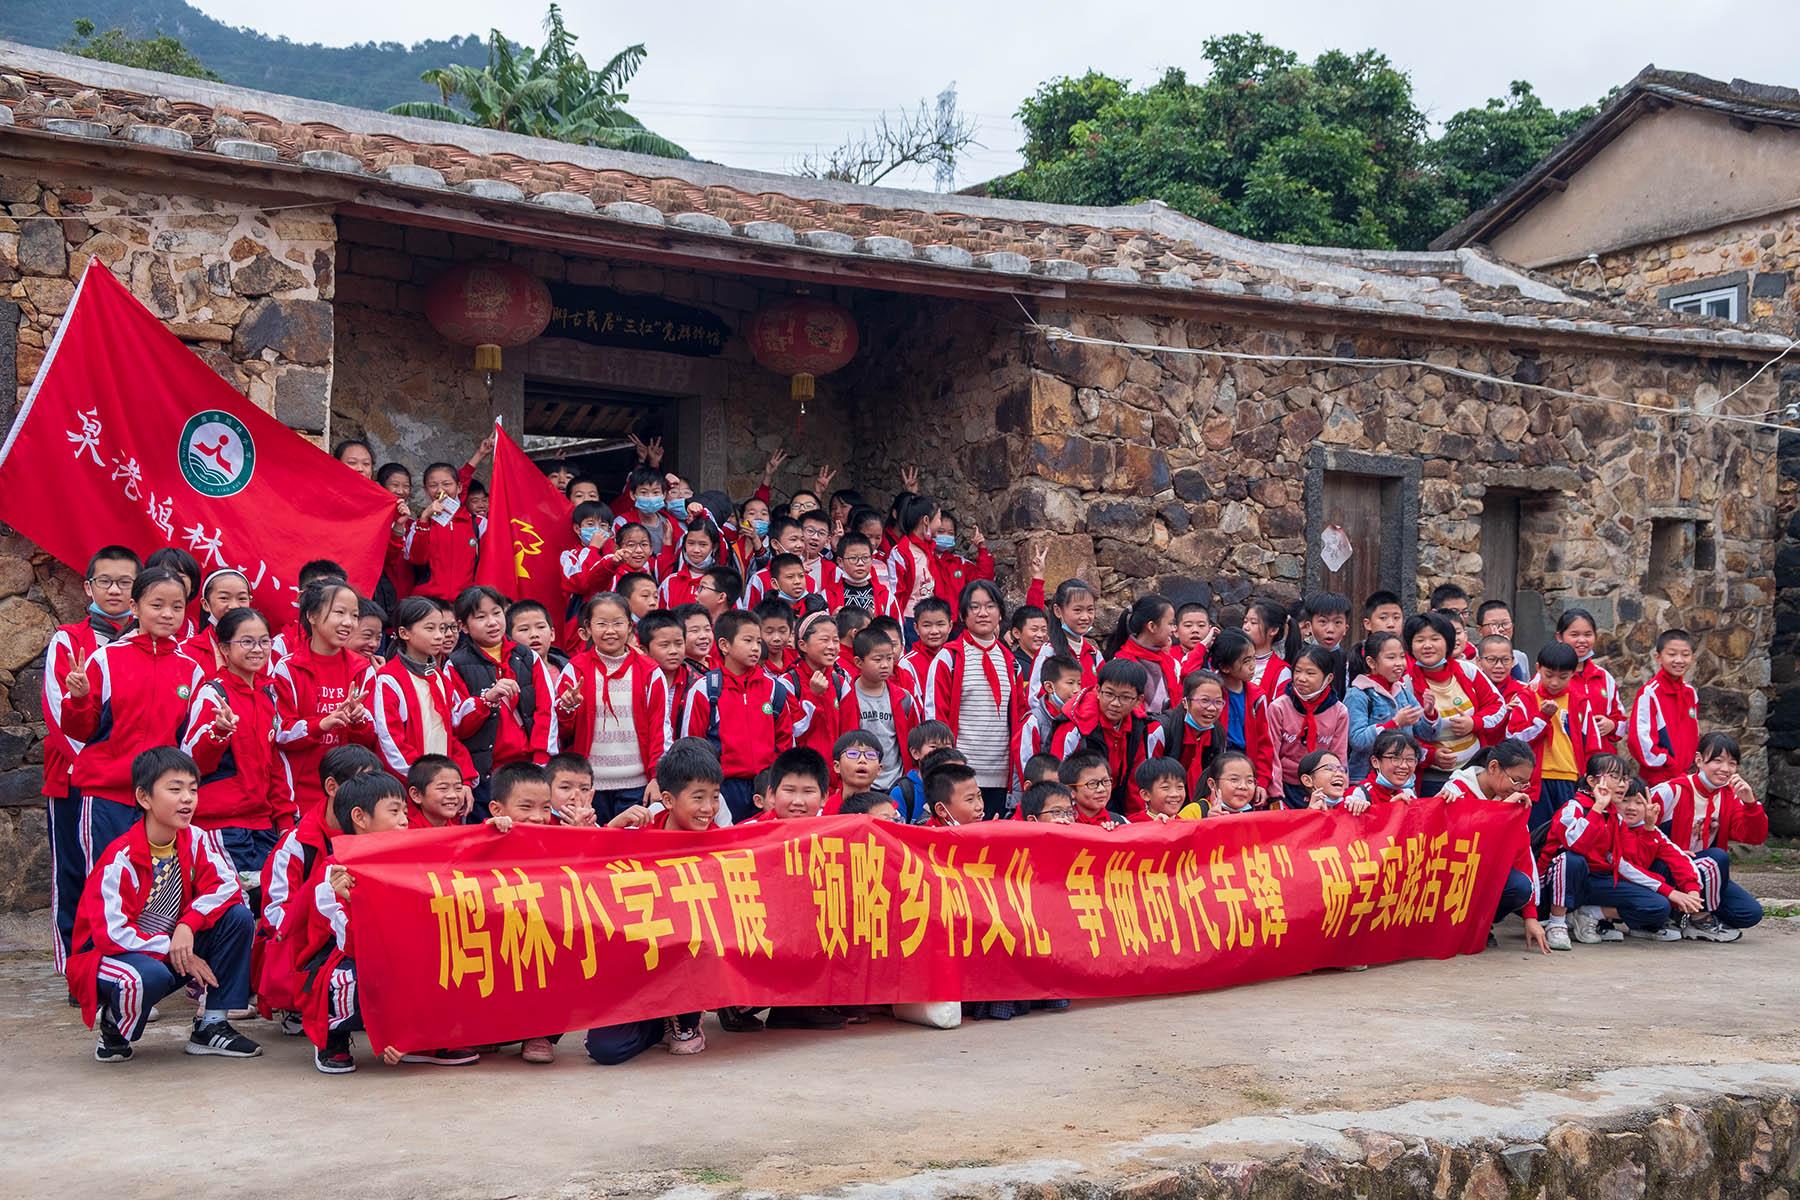 Schüler vor Steinhaus in Zhangjiao in der Provinz Fujian, China